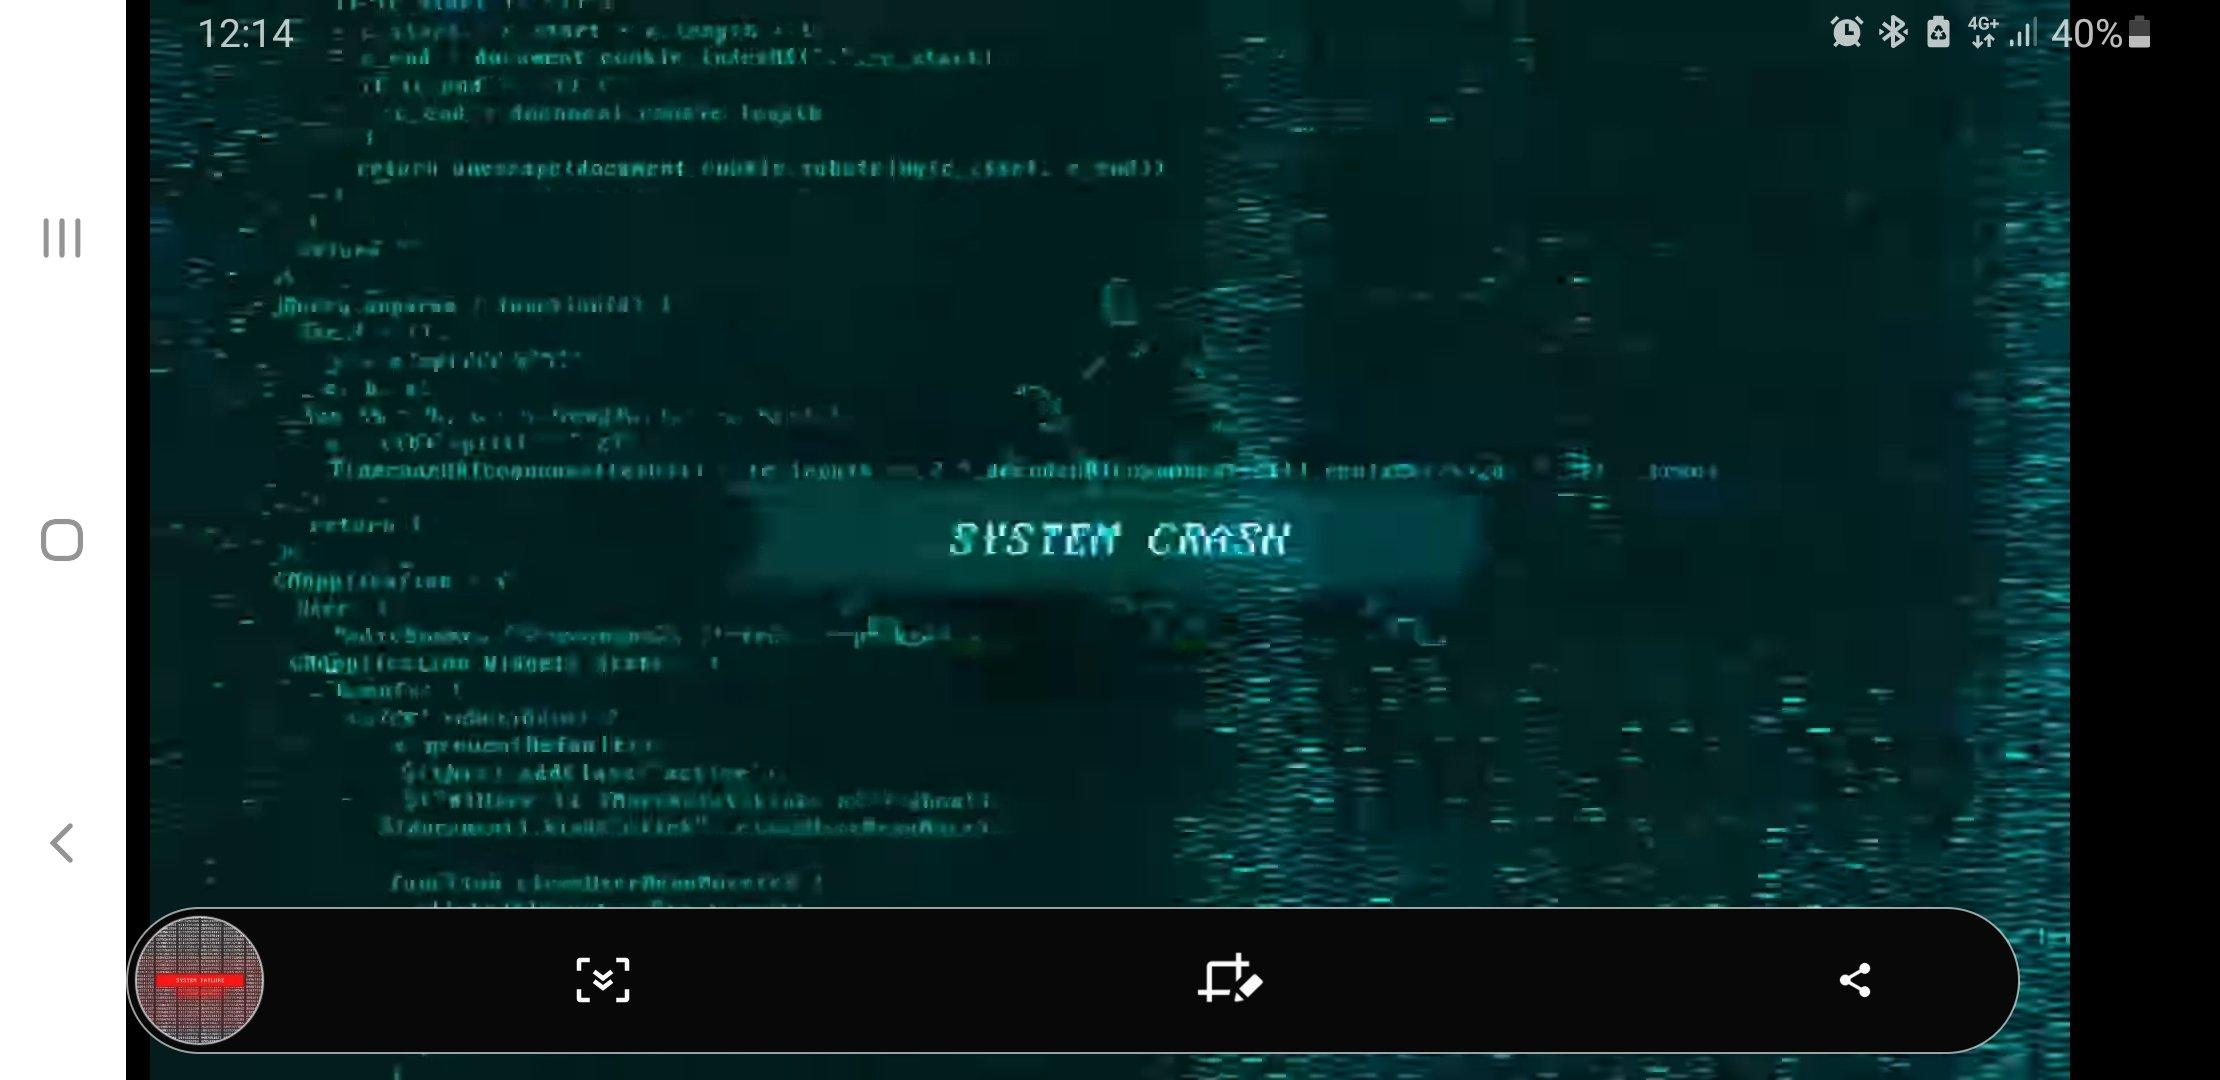 Screenshot_20210913-121441_YouTube.jpg